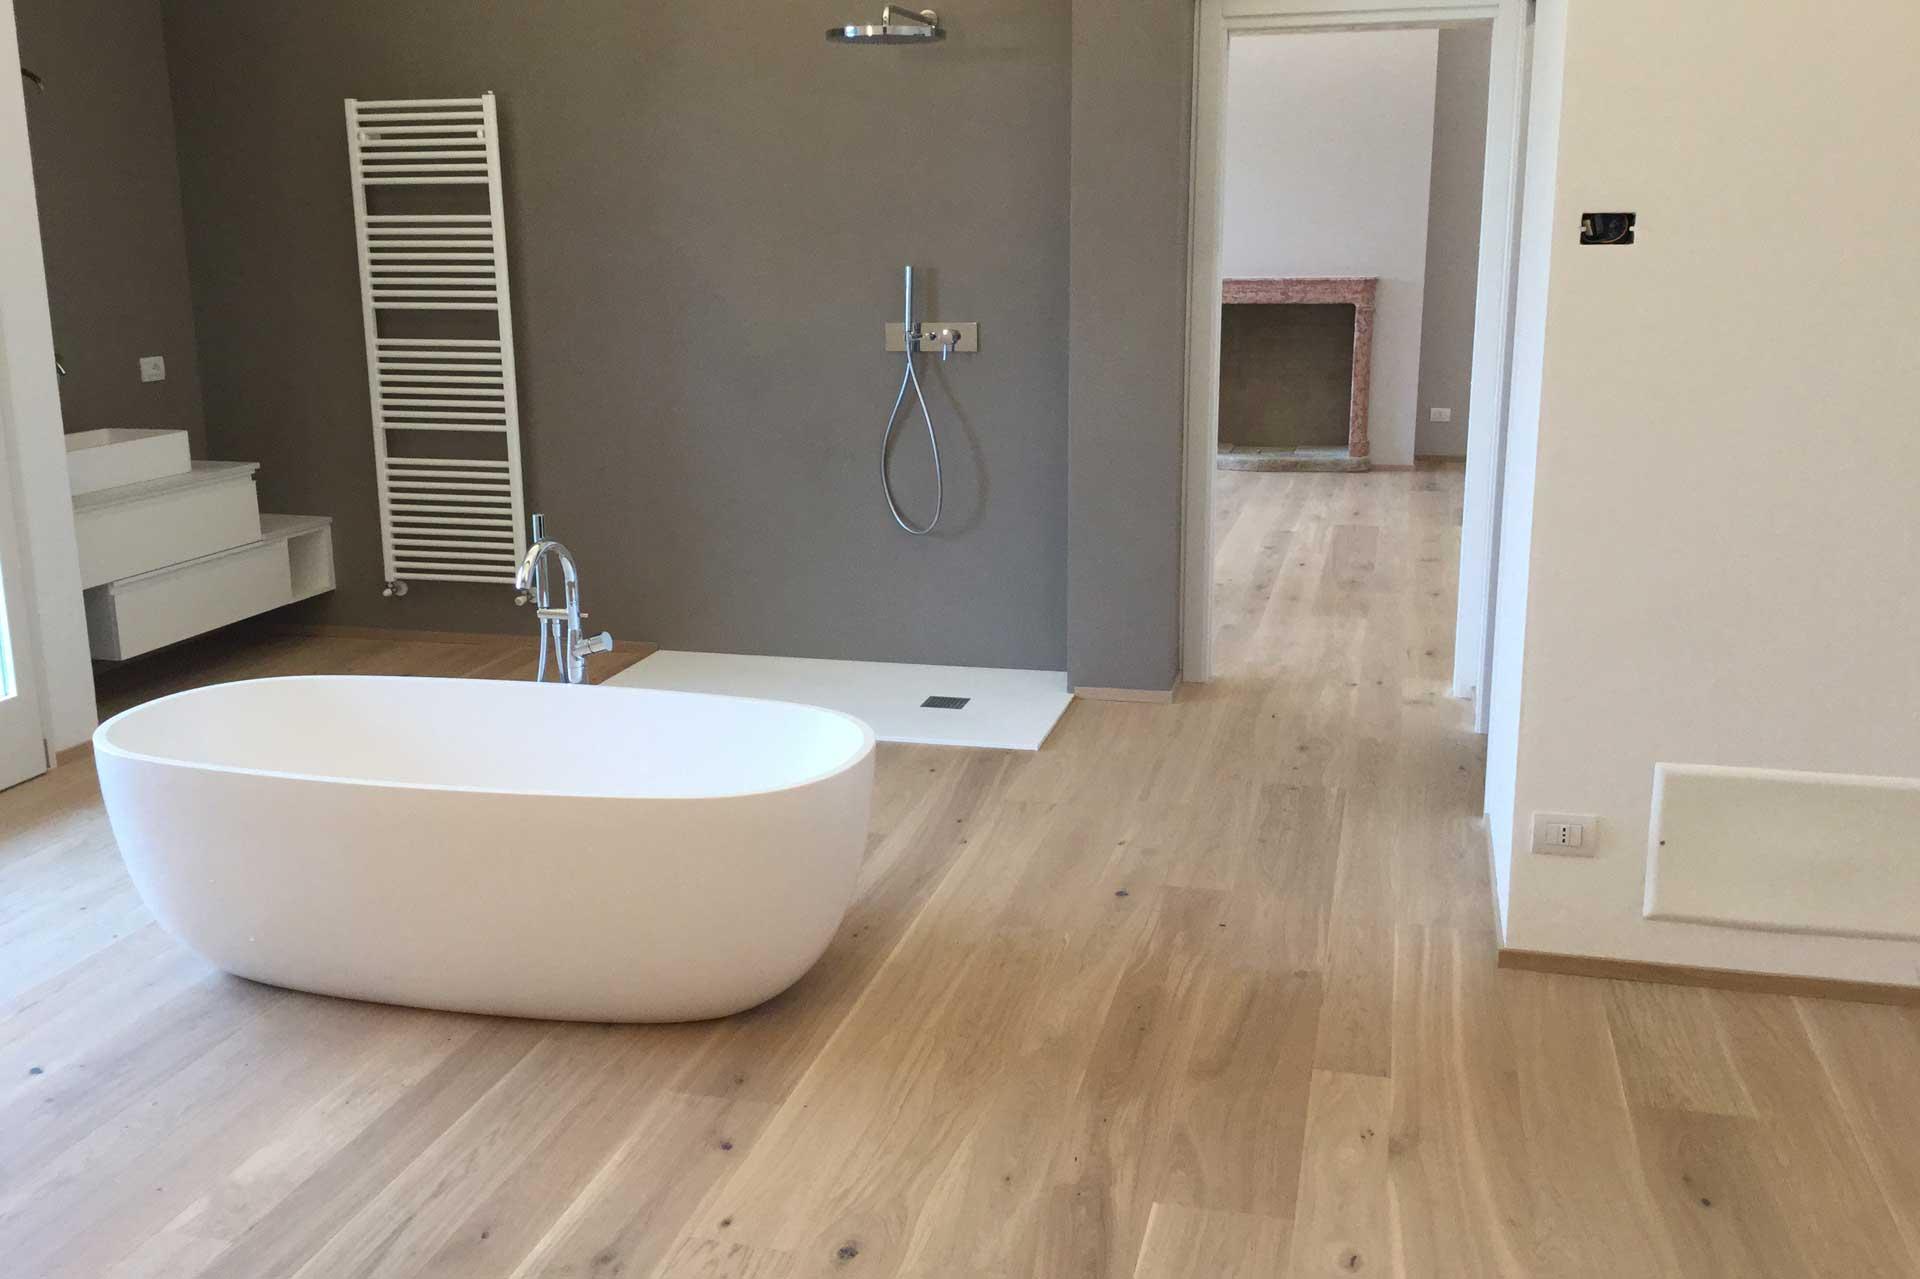 Trattamento parquet firenze azienda di trattamento parquet - Pavimento laminato in bagno ...